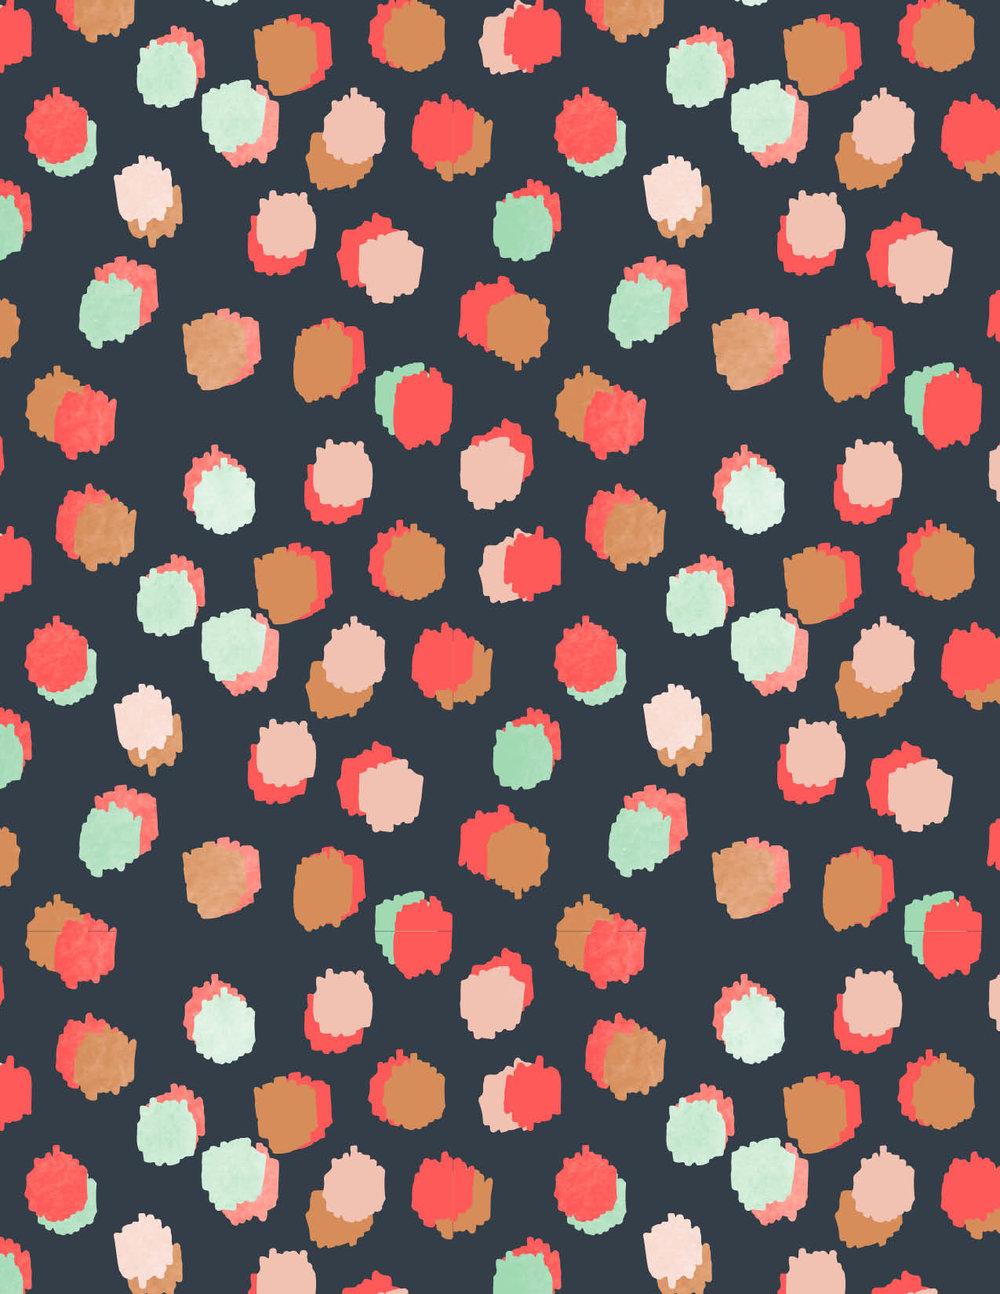 jessbruggink_pattern30.jpg